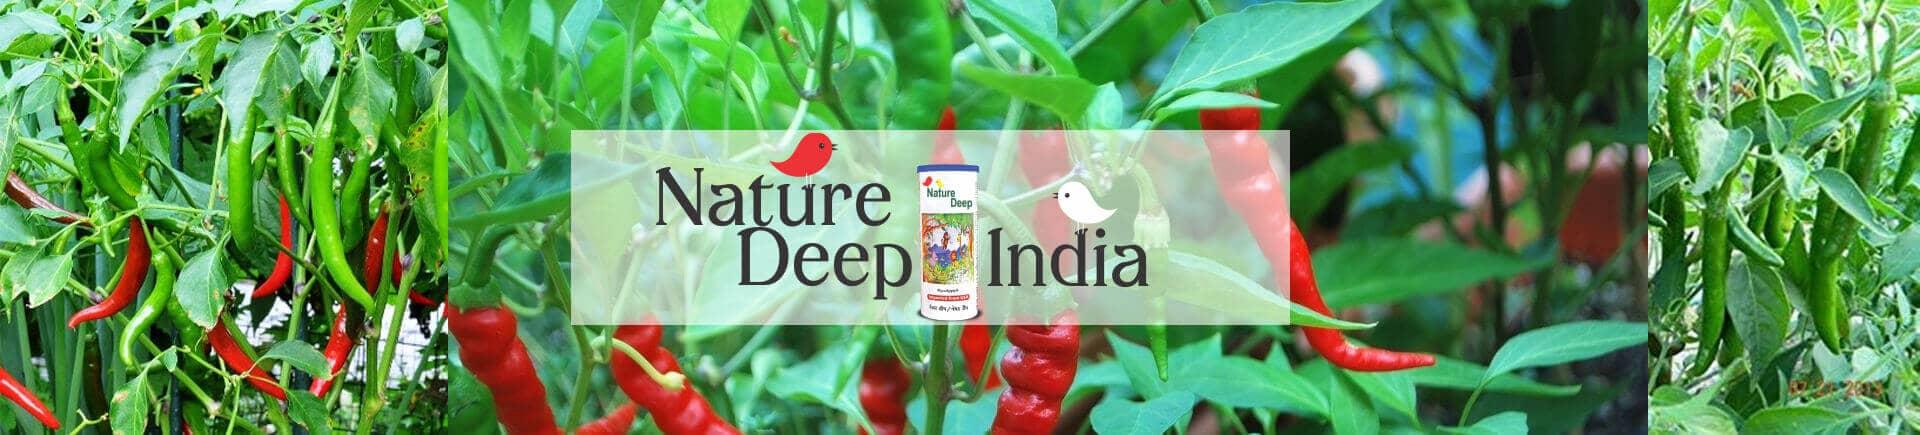 sumitomo naturedeep for chilli crop desktop banner